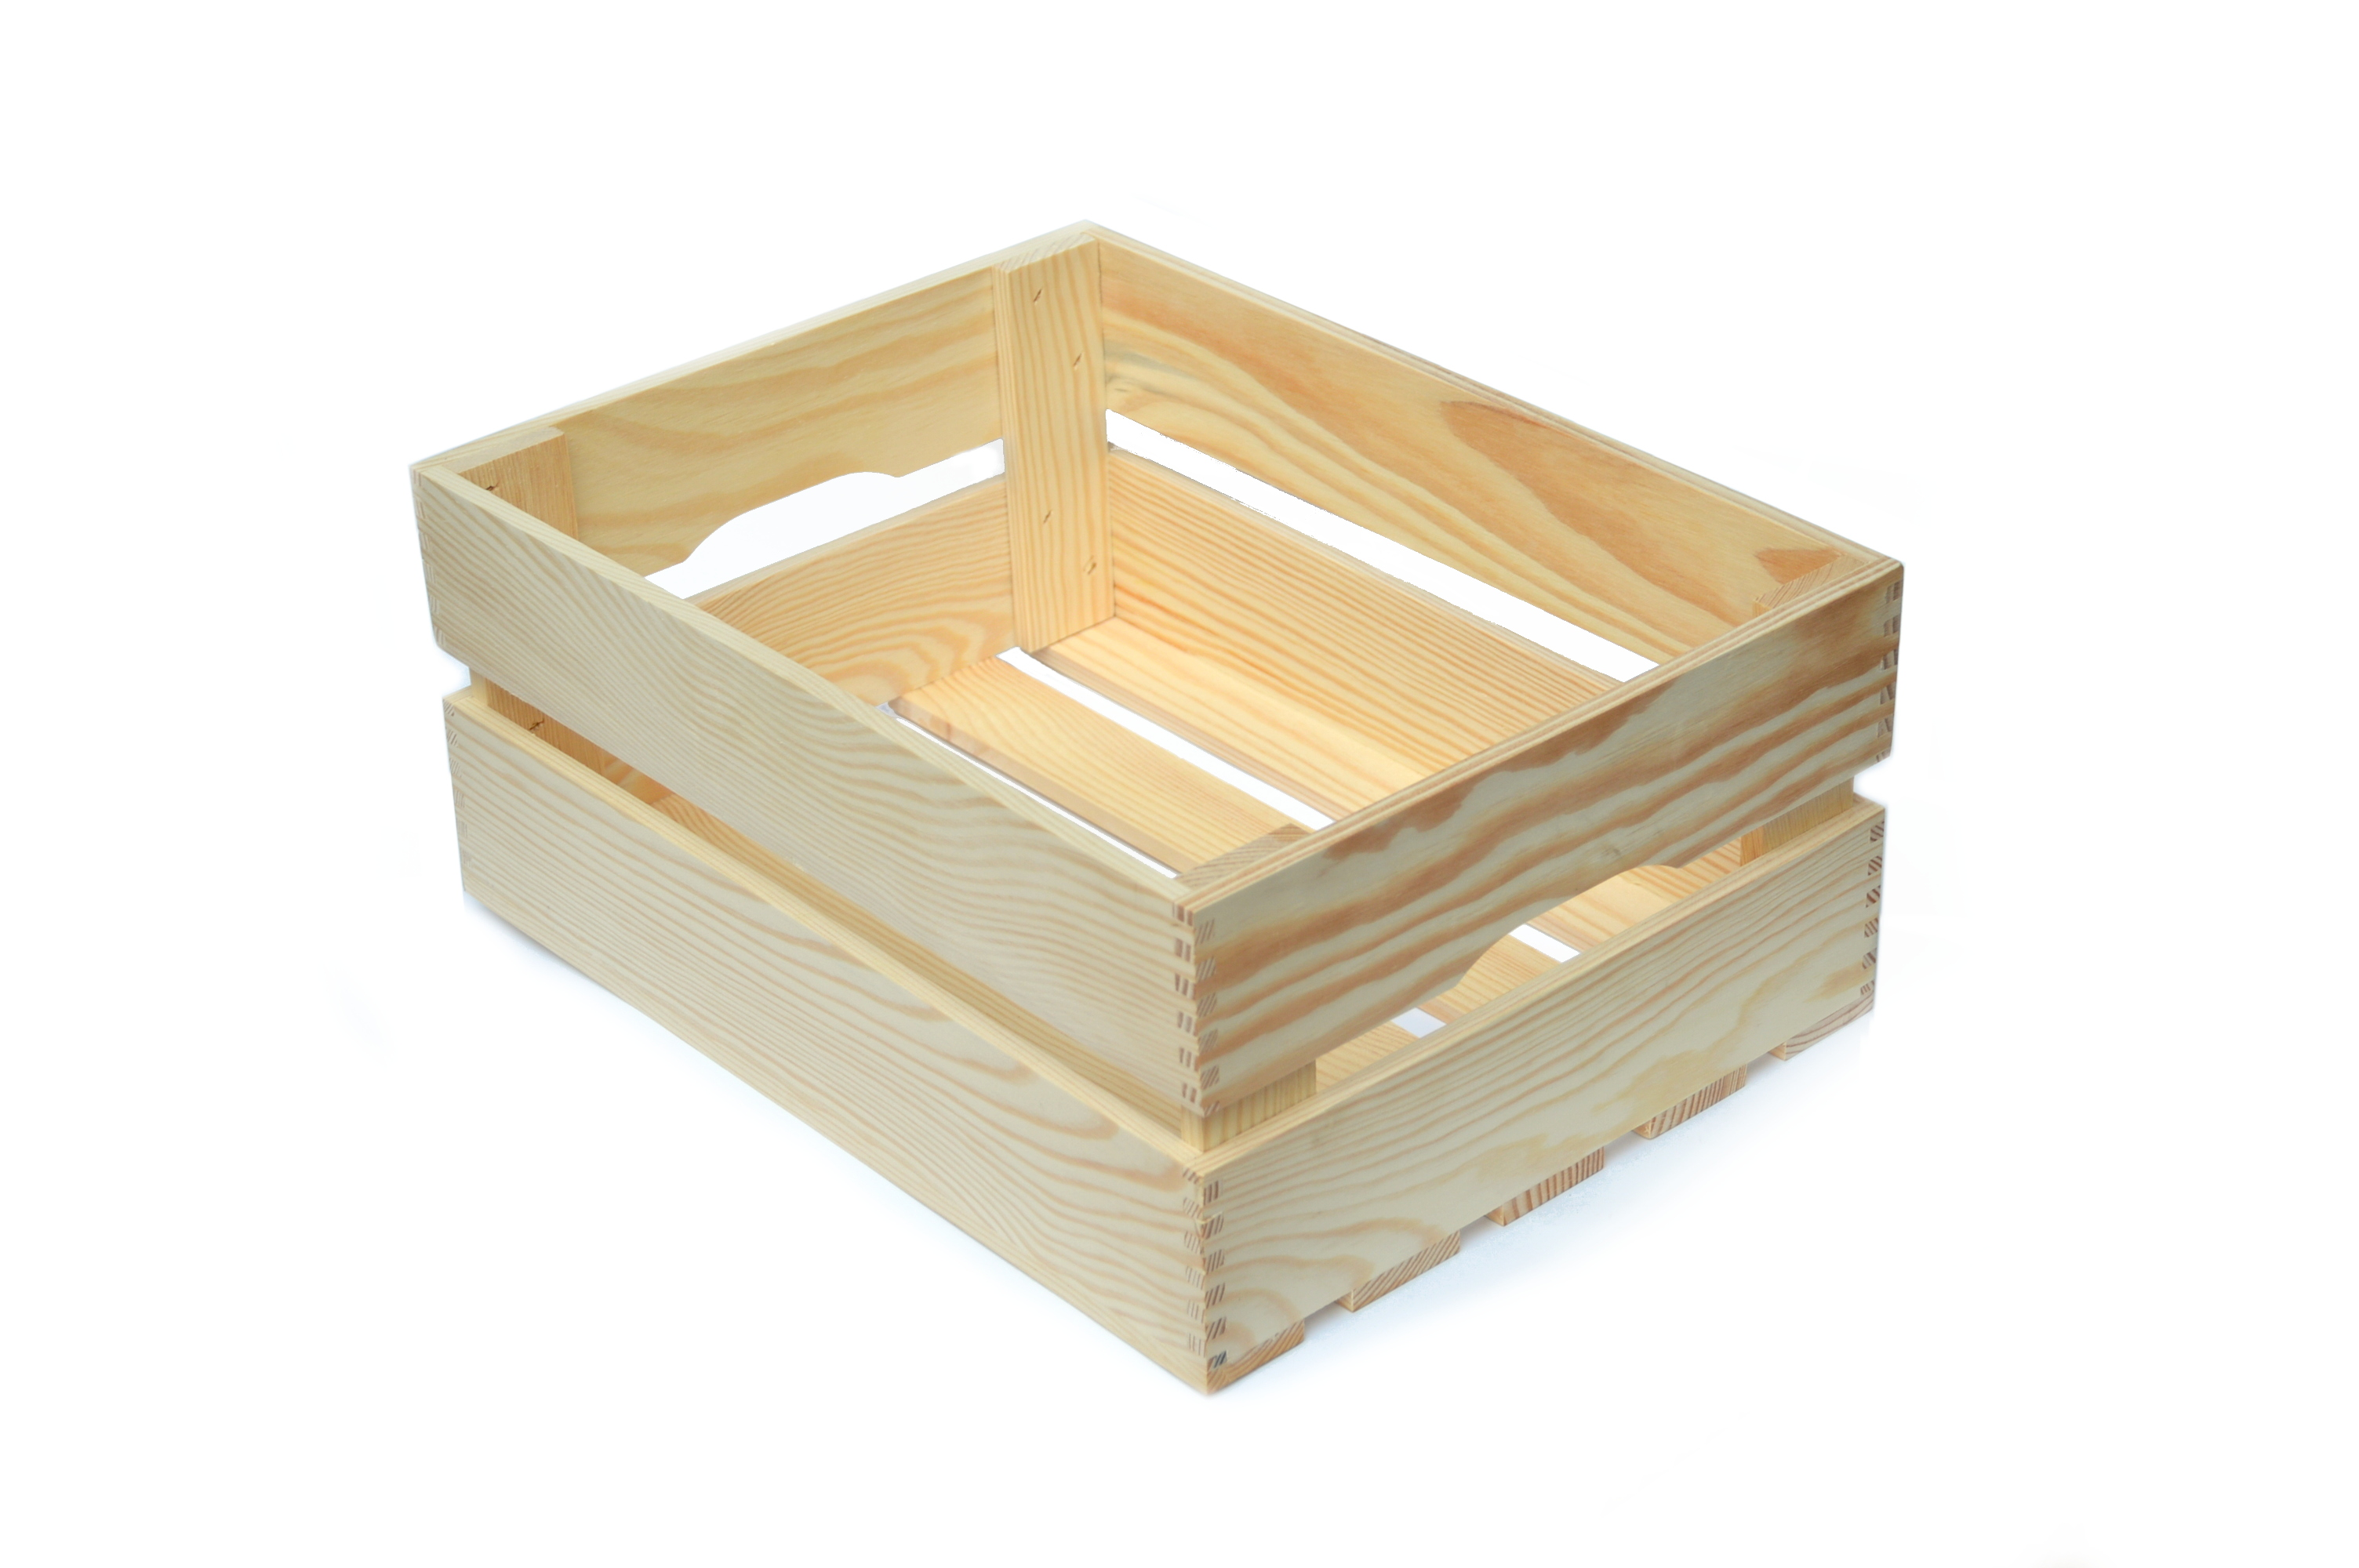 Poważnie WOODEN WORLD, pudelka z drewna Producent pudełek drewnianych BN29